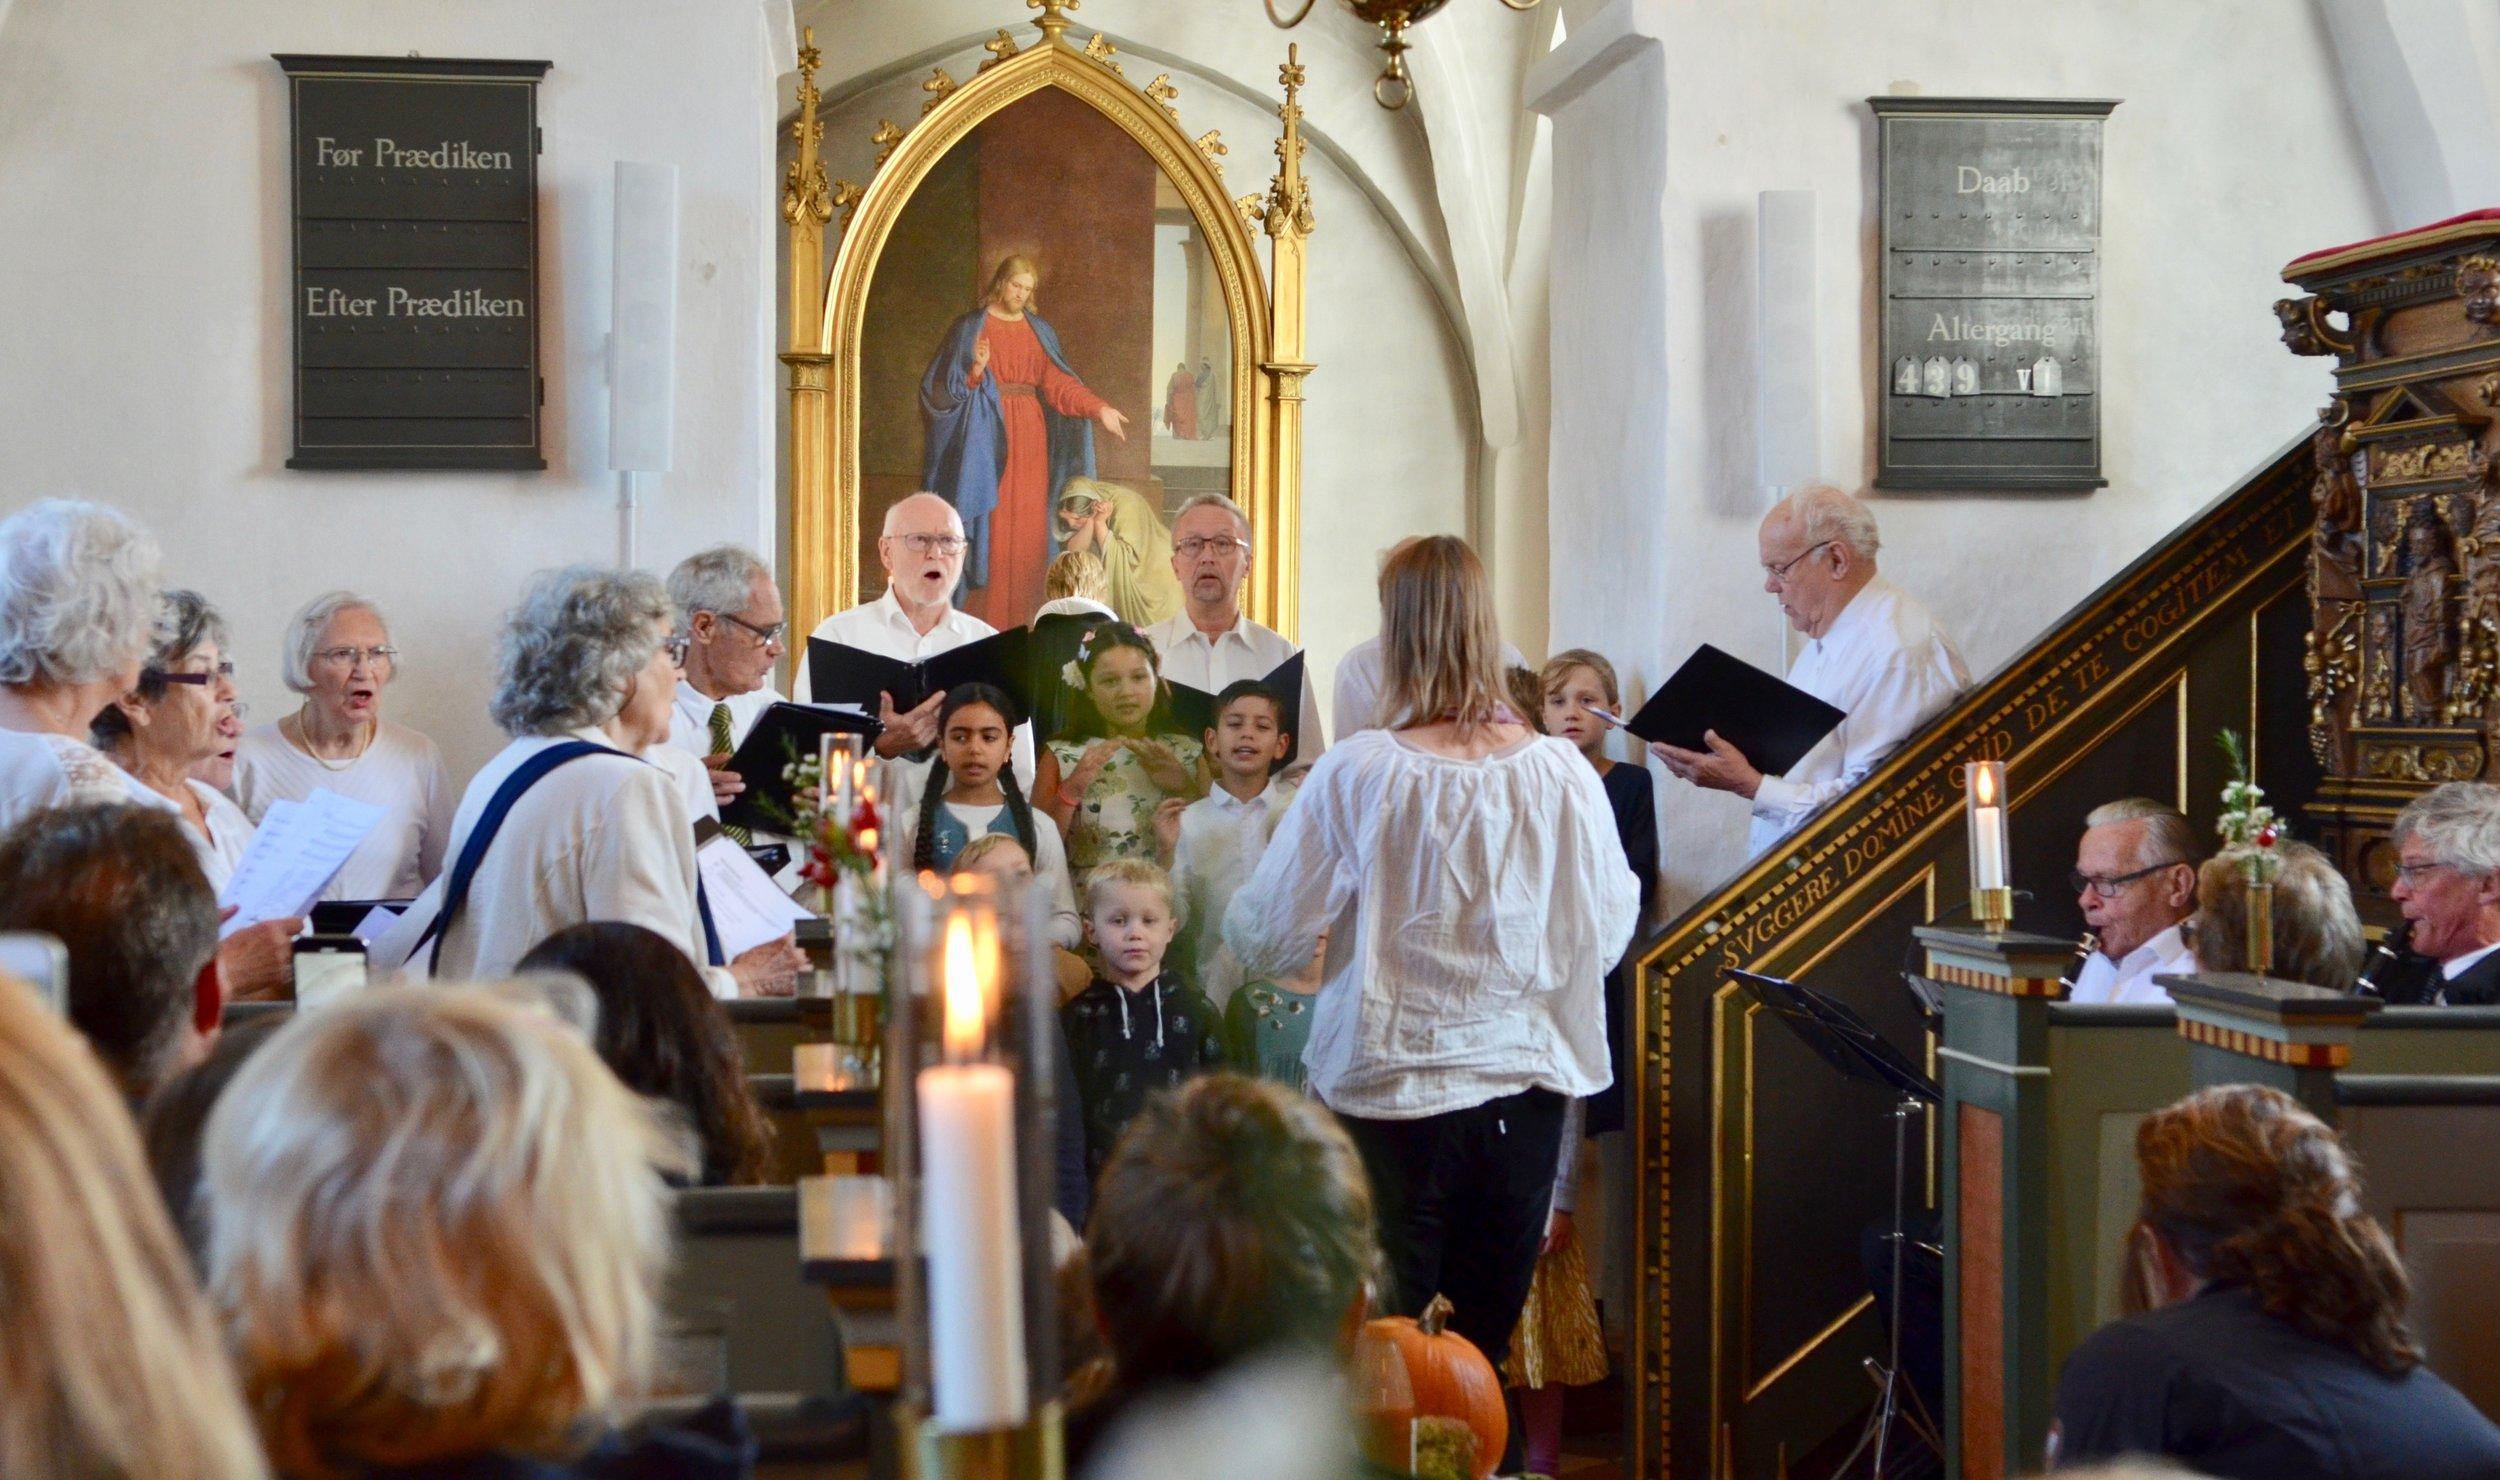 Både kirkens Voksenkor samt Børne- og Spirekoret medvirkede. Børnekoret frembragte flere sange så fint, at de efterfølgende fik stor applaus fra den begejstrede menighed. Foto: AOB